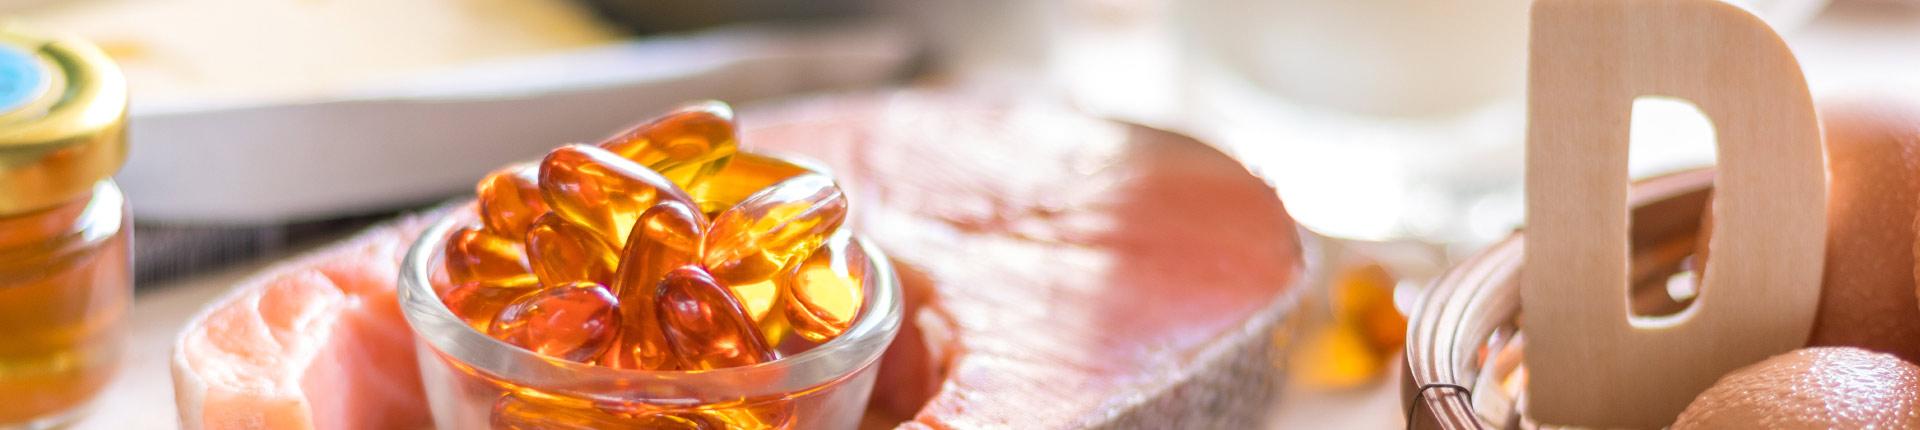 Jak witamina D wpływa na zdrowie? Poznaj opinie